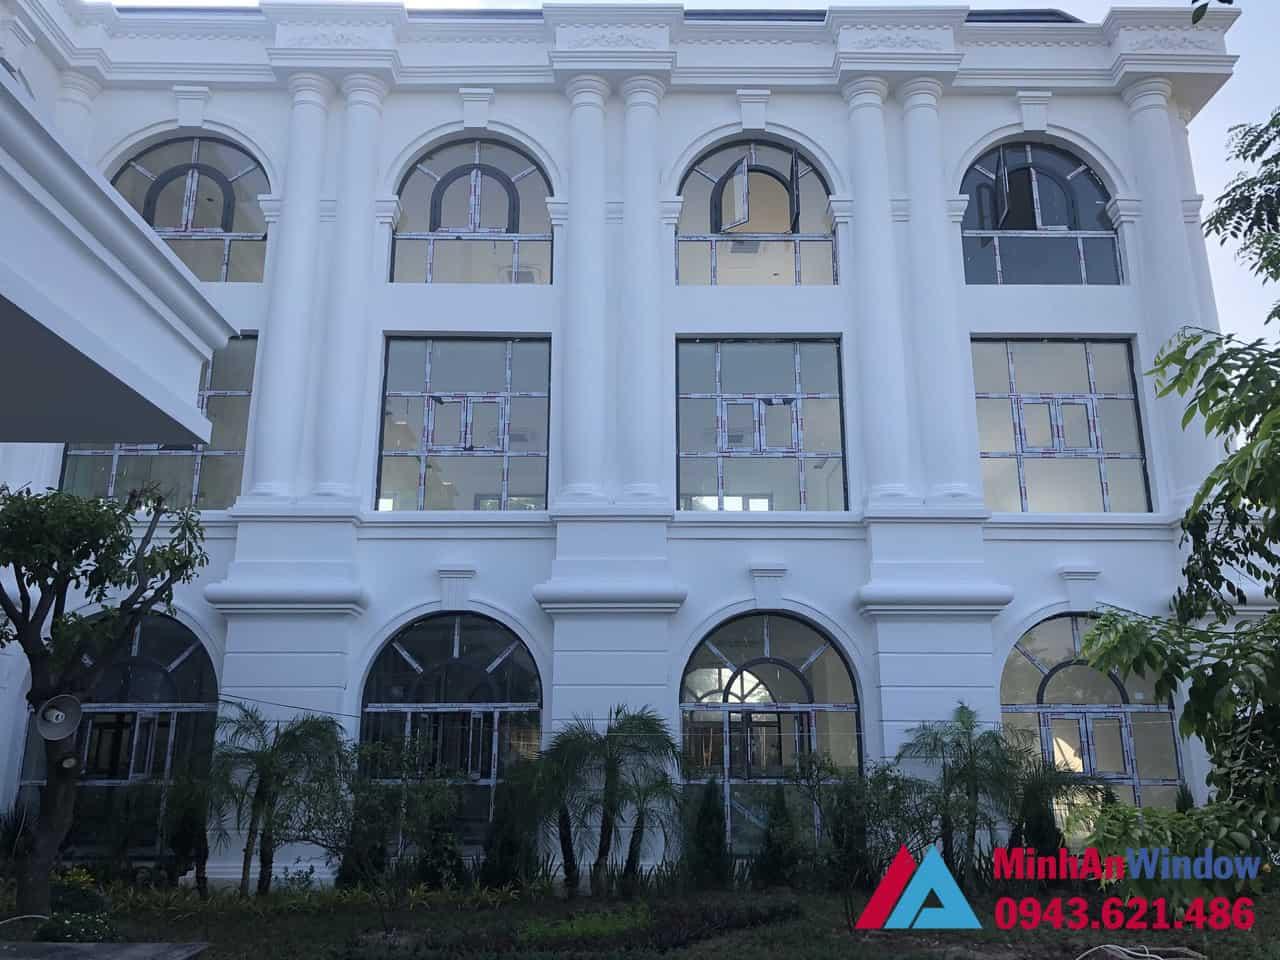 Công trình cửa nhôm kính do Minh An Window thi công và lắp đặt